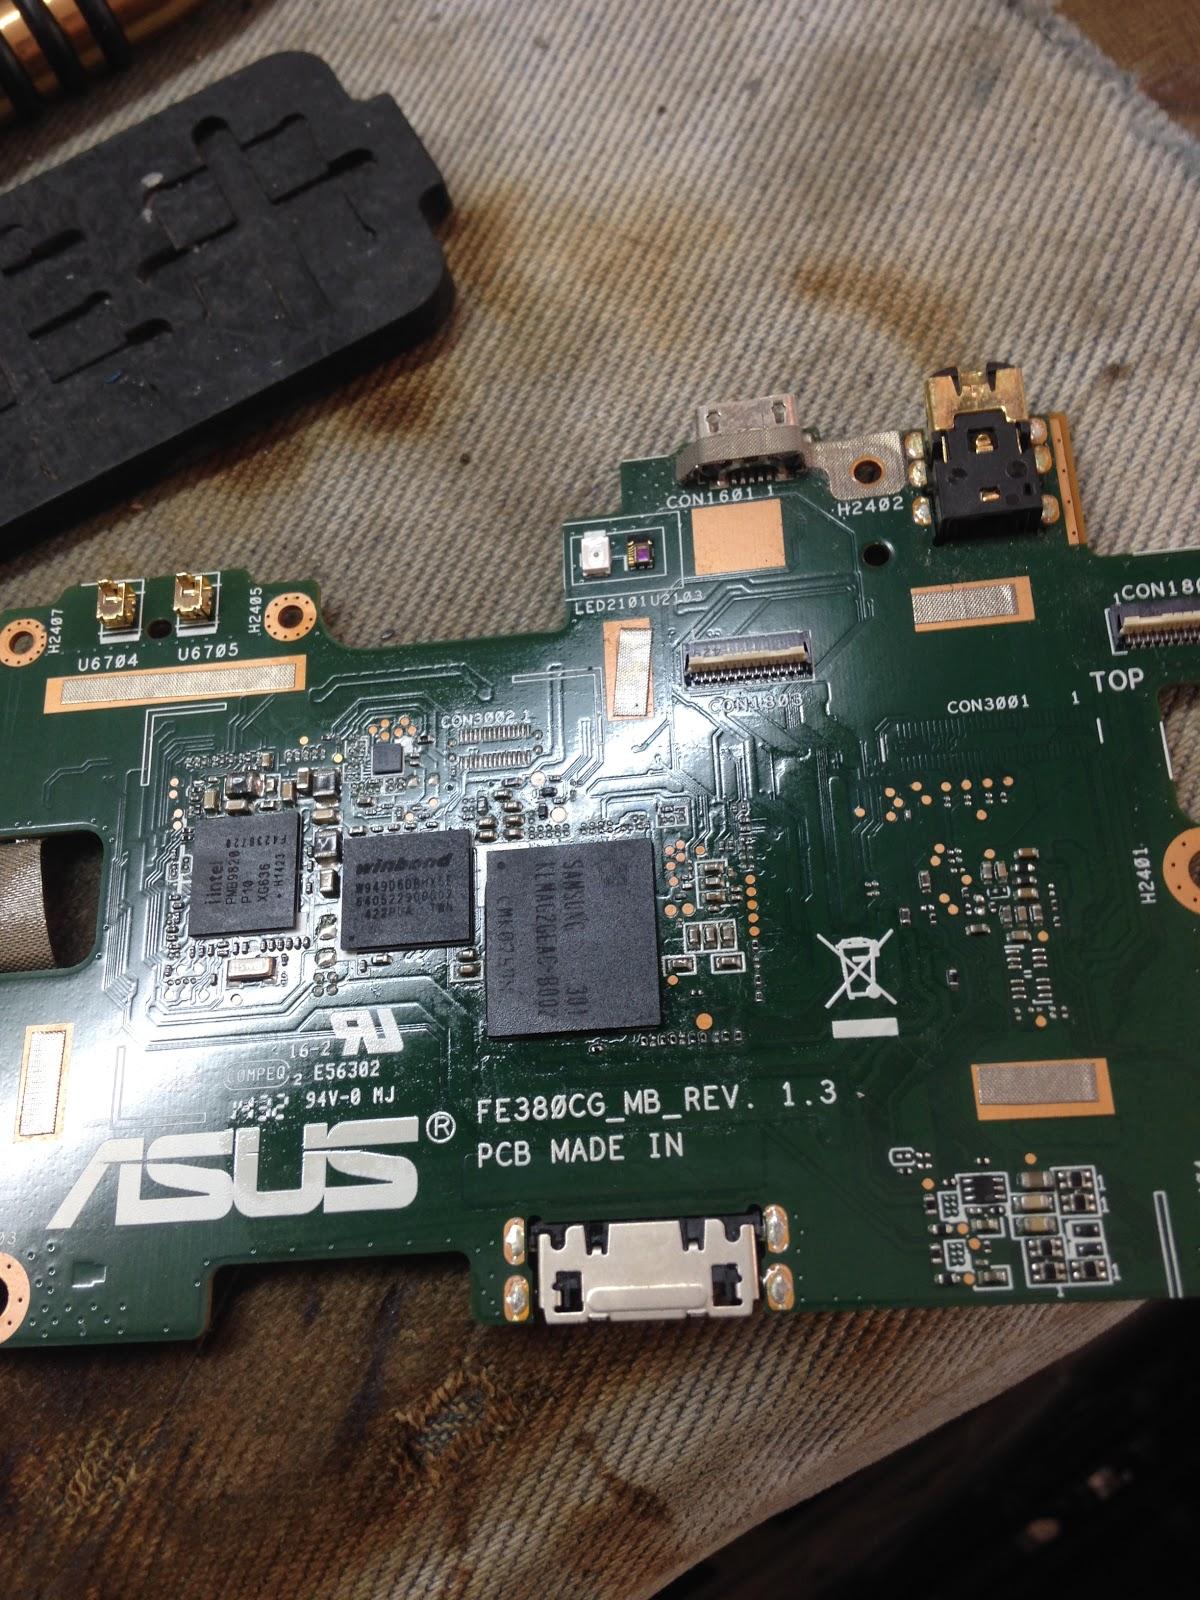 Asus Fonepad 8 FE380CG [K016] Root Asus Fonepad 8 FE380CG [K016] recovery Asus Fonepad 8 FE380CG [K016] rom stock Asus Fonepad 8 FE380CG [K016] rom raw